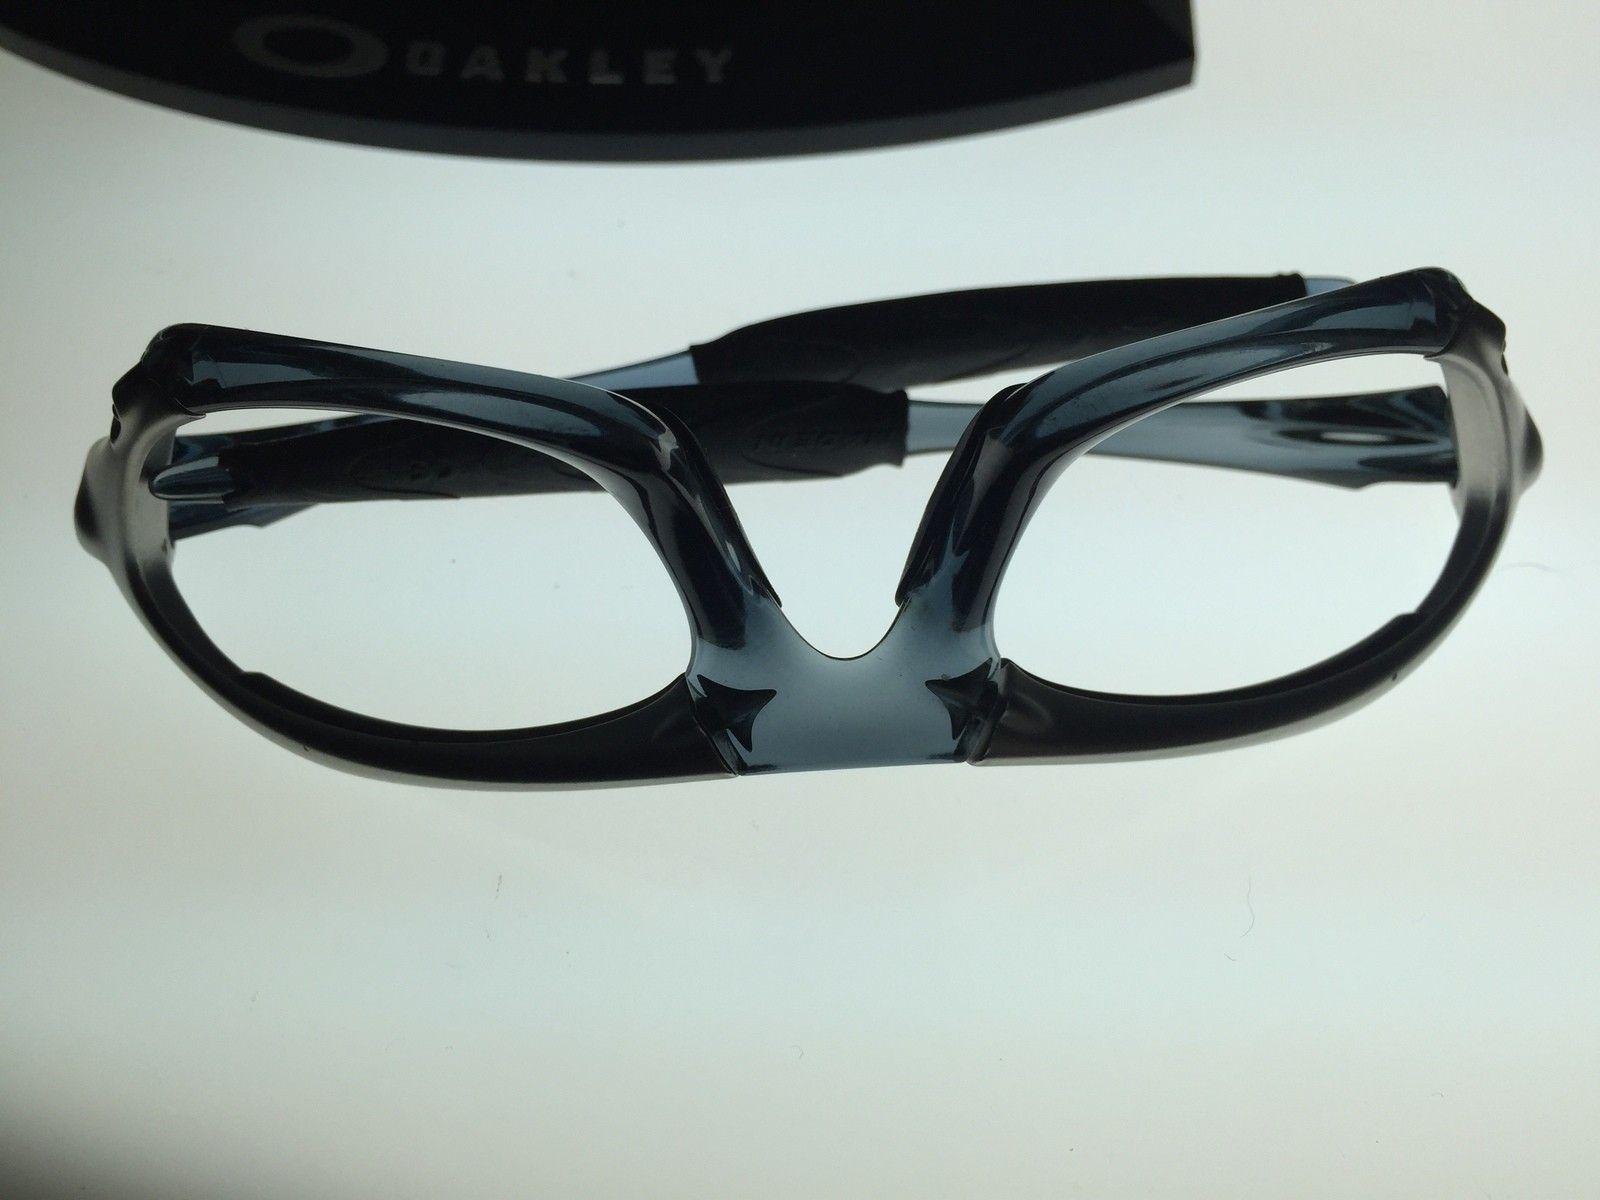 Splice FMJ+ - Crystal Black frame only SKU: 03-723 #SOLD - image.jpeg